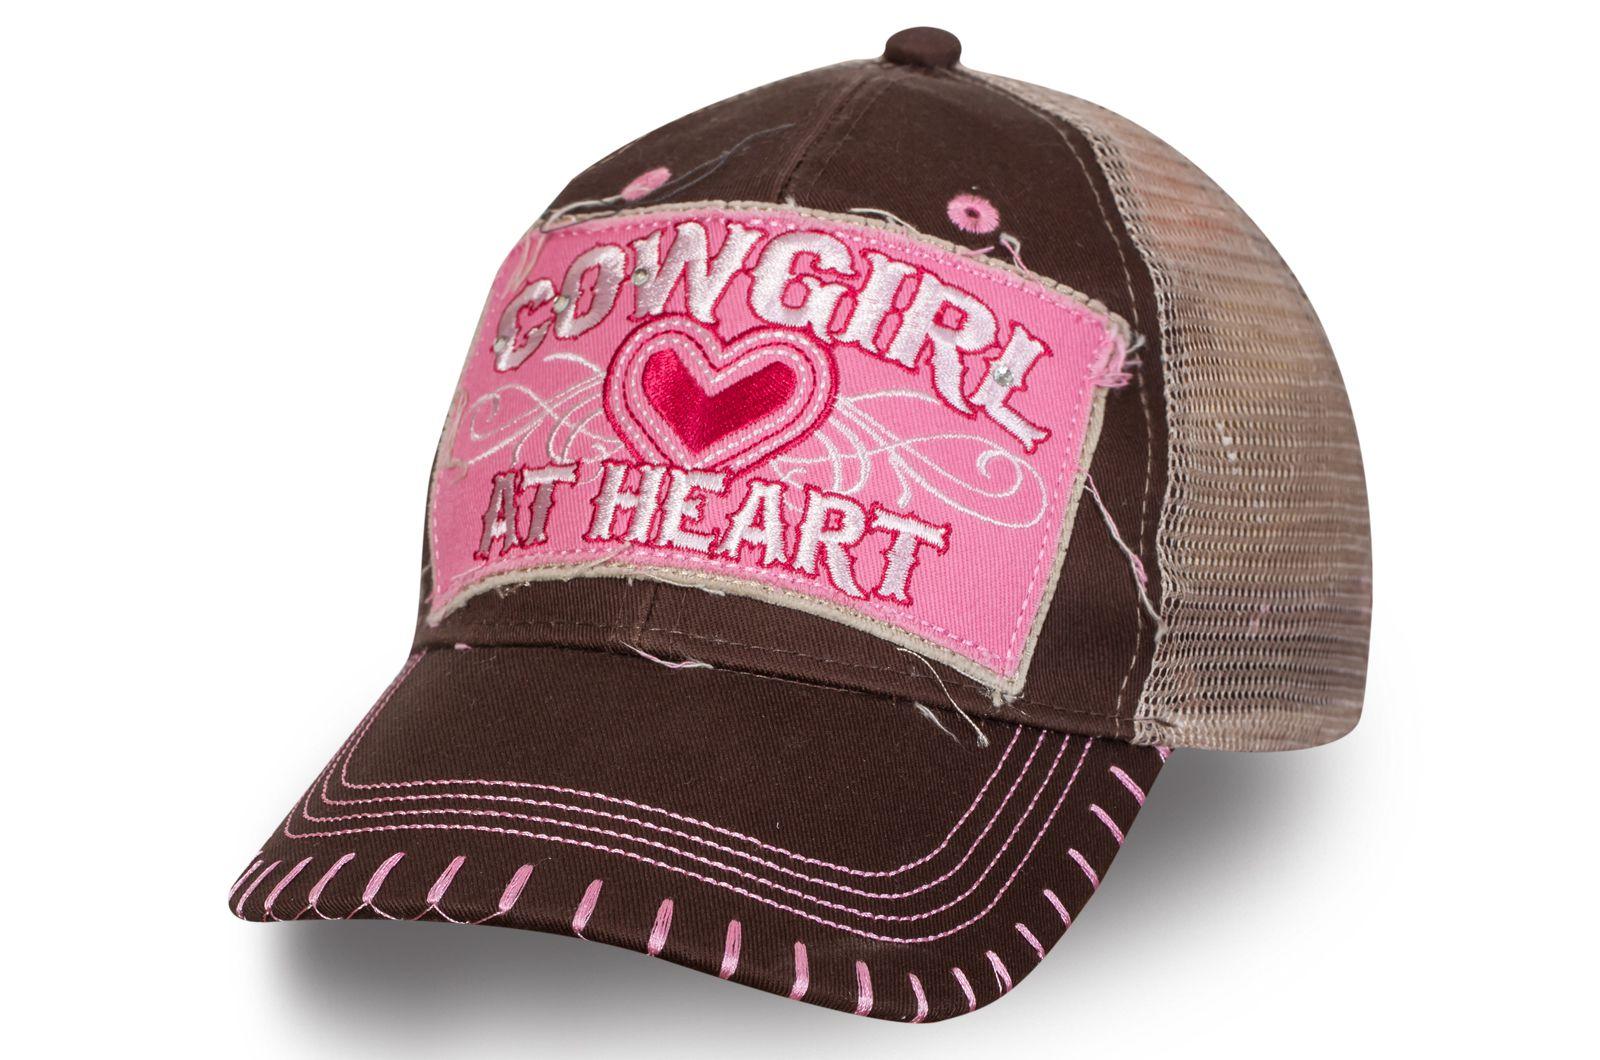 Бейсболка Cowgirl At Heart | Заказать женские бейсболки